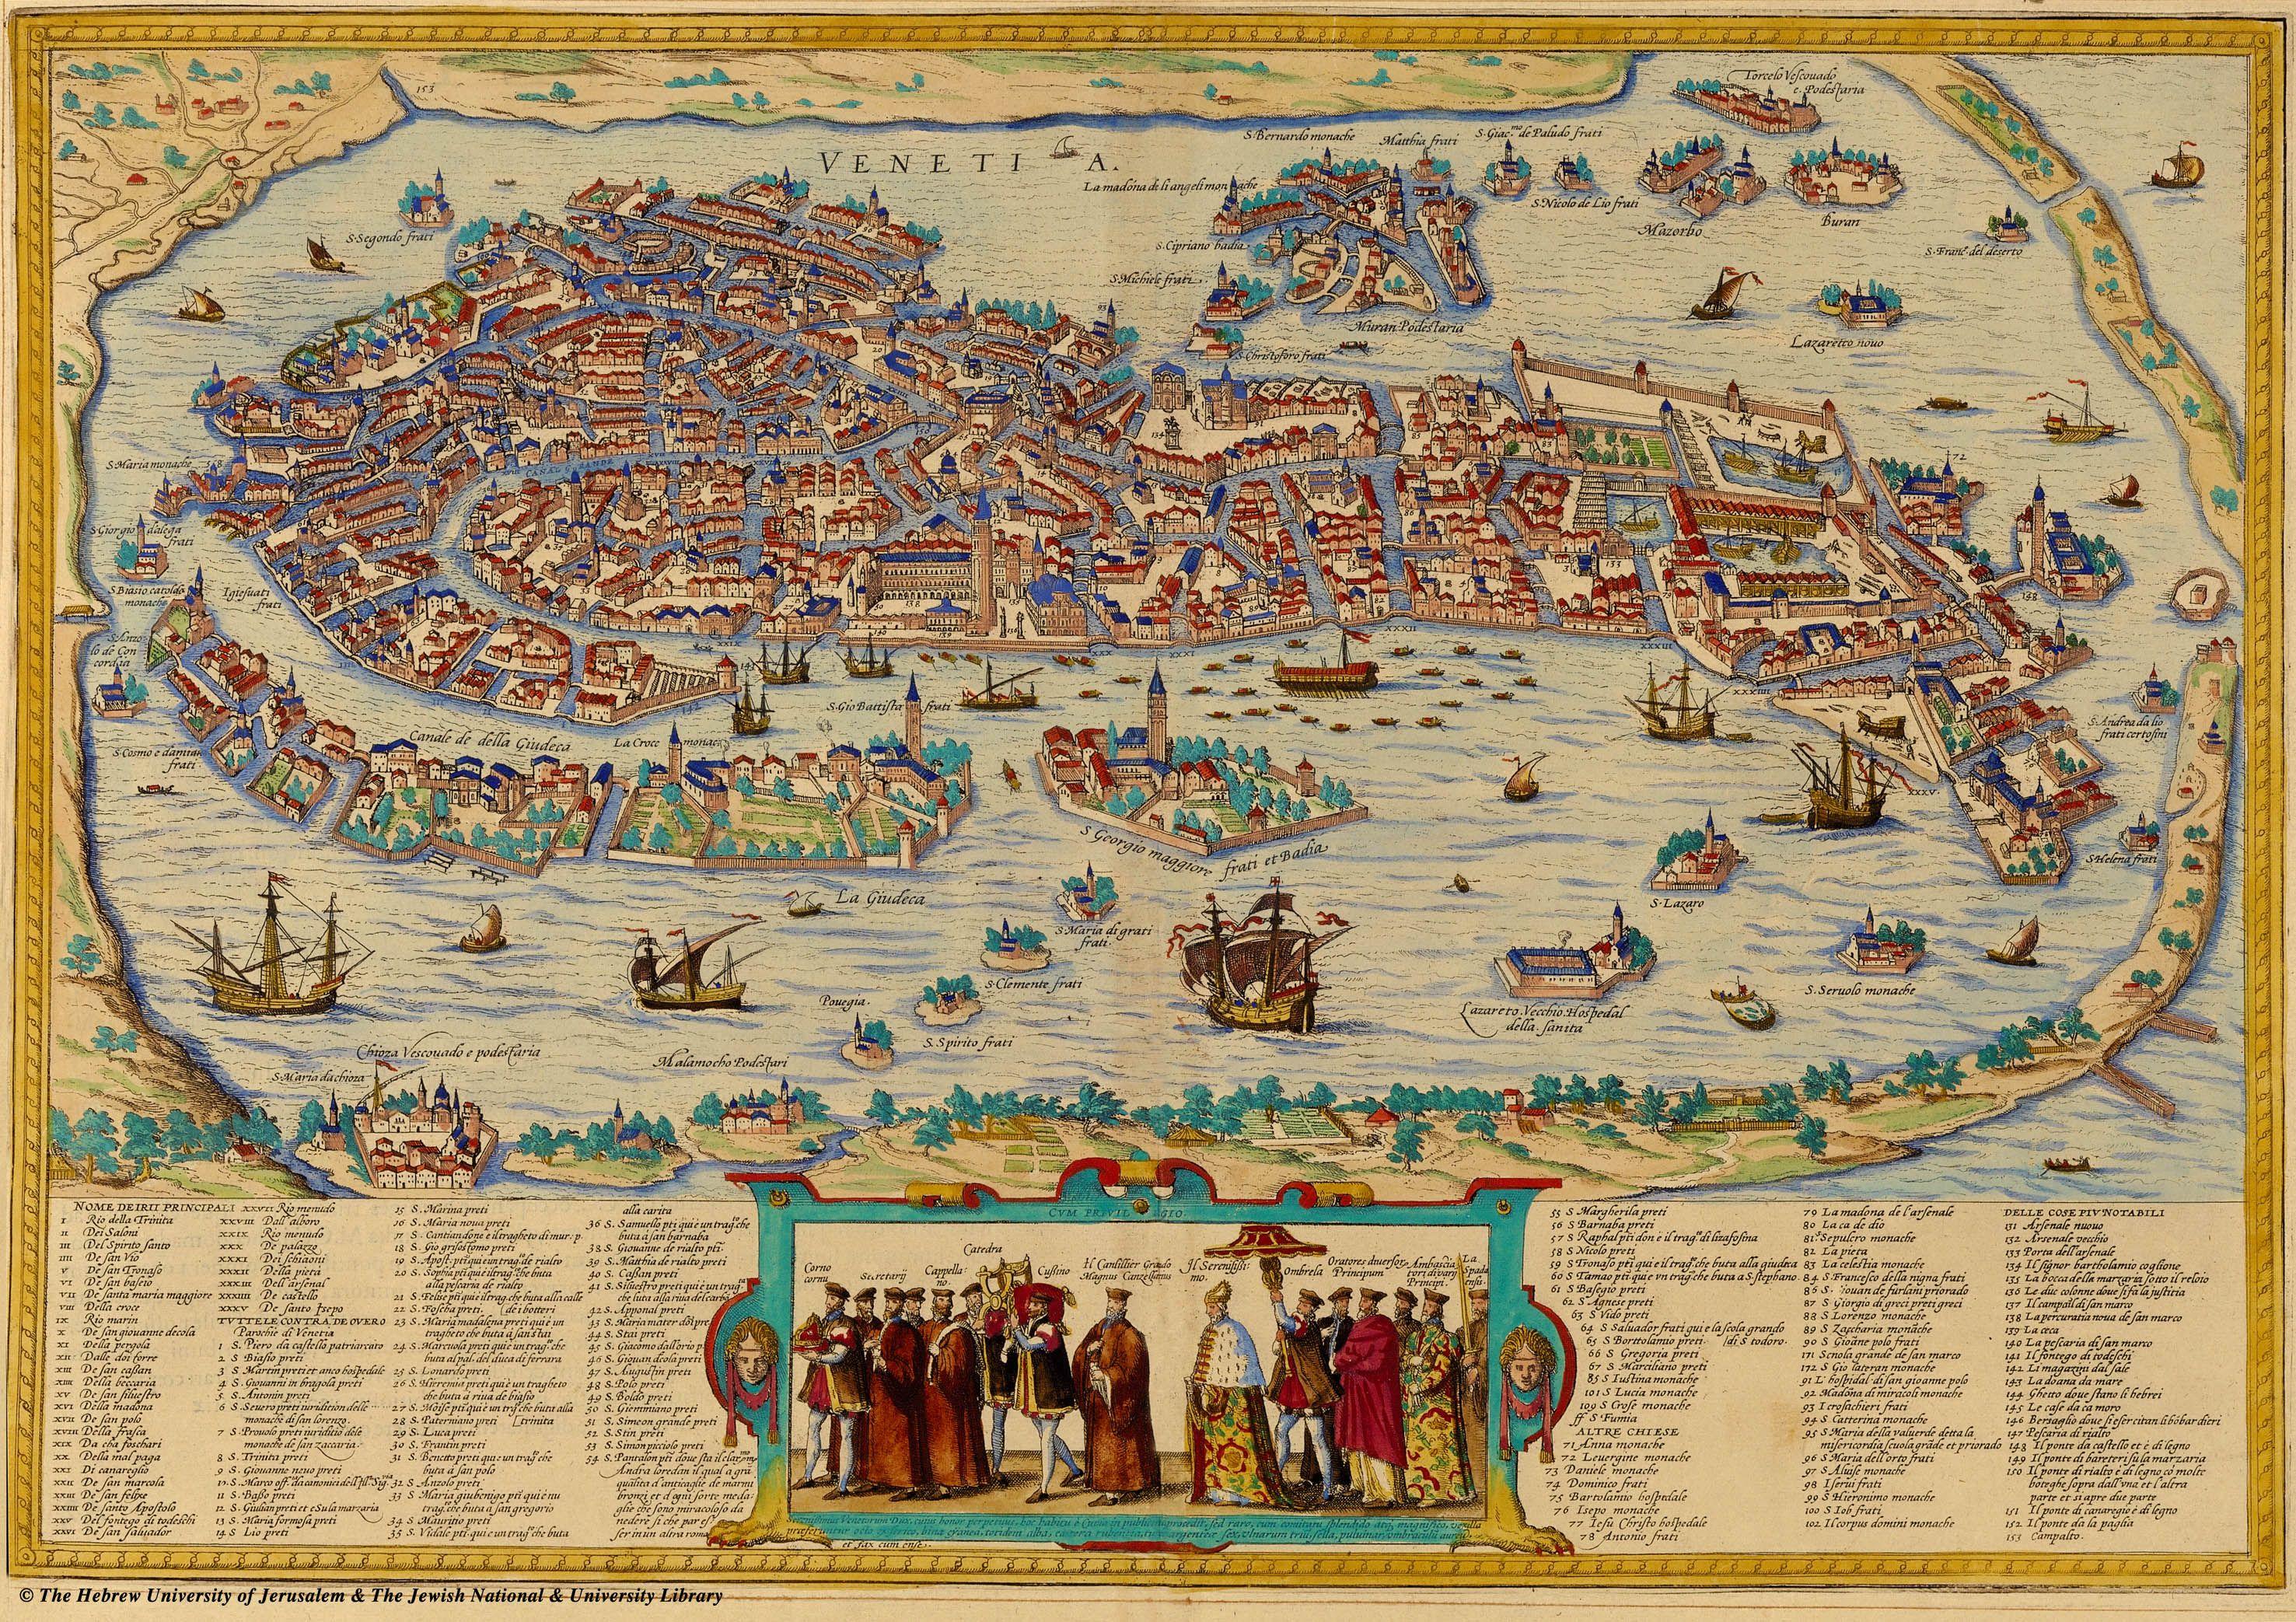 Contemporary Maps of Renaissance Italian Cities, courtesy of the HUJ ...